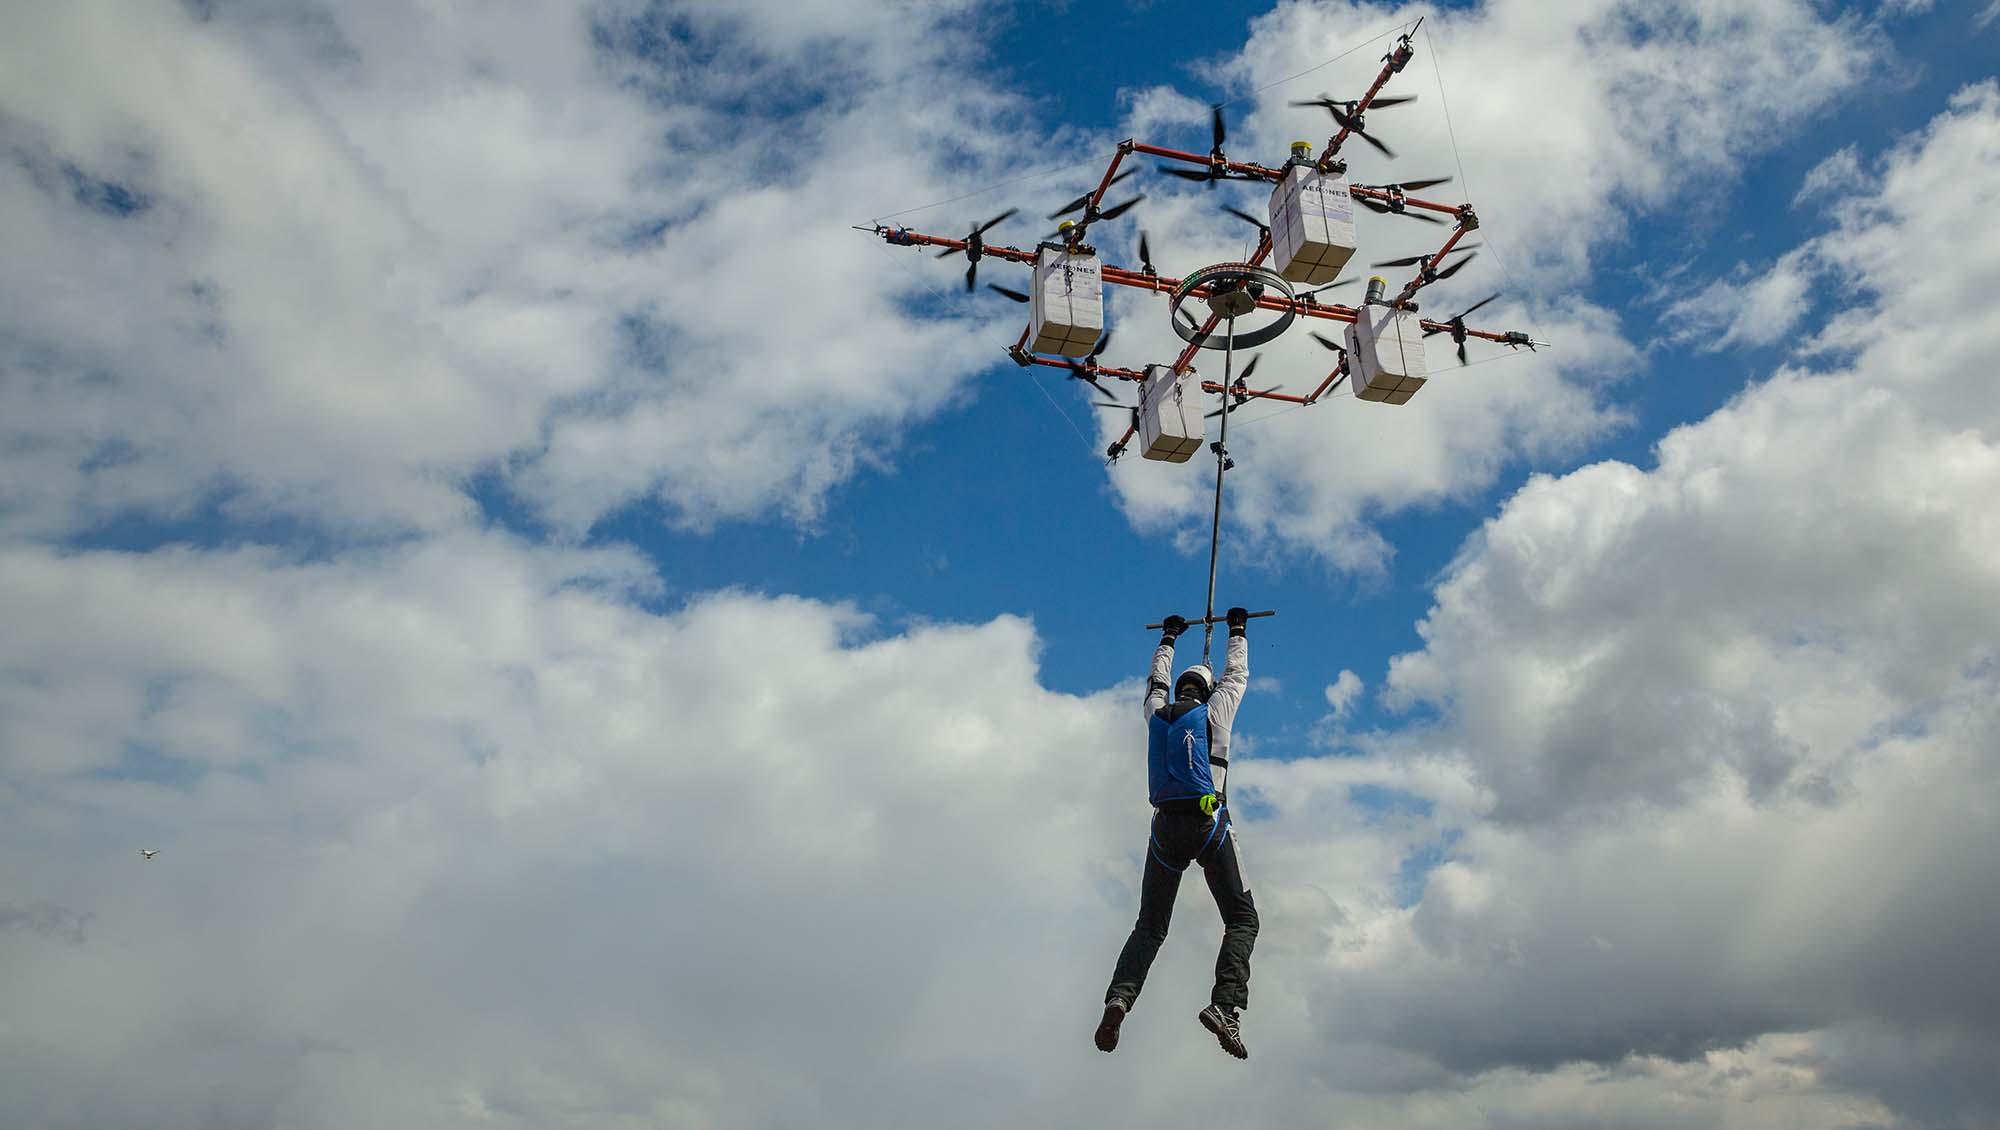 saut en parachute depuis un drone